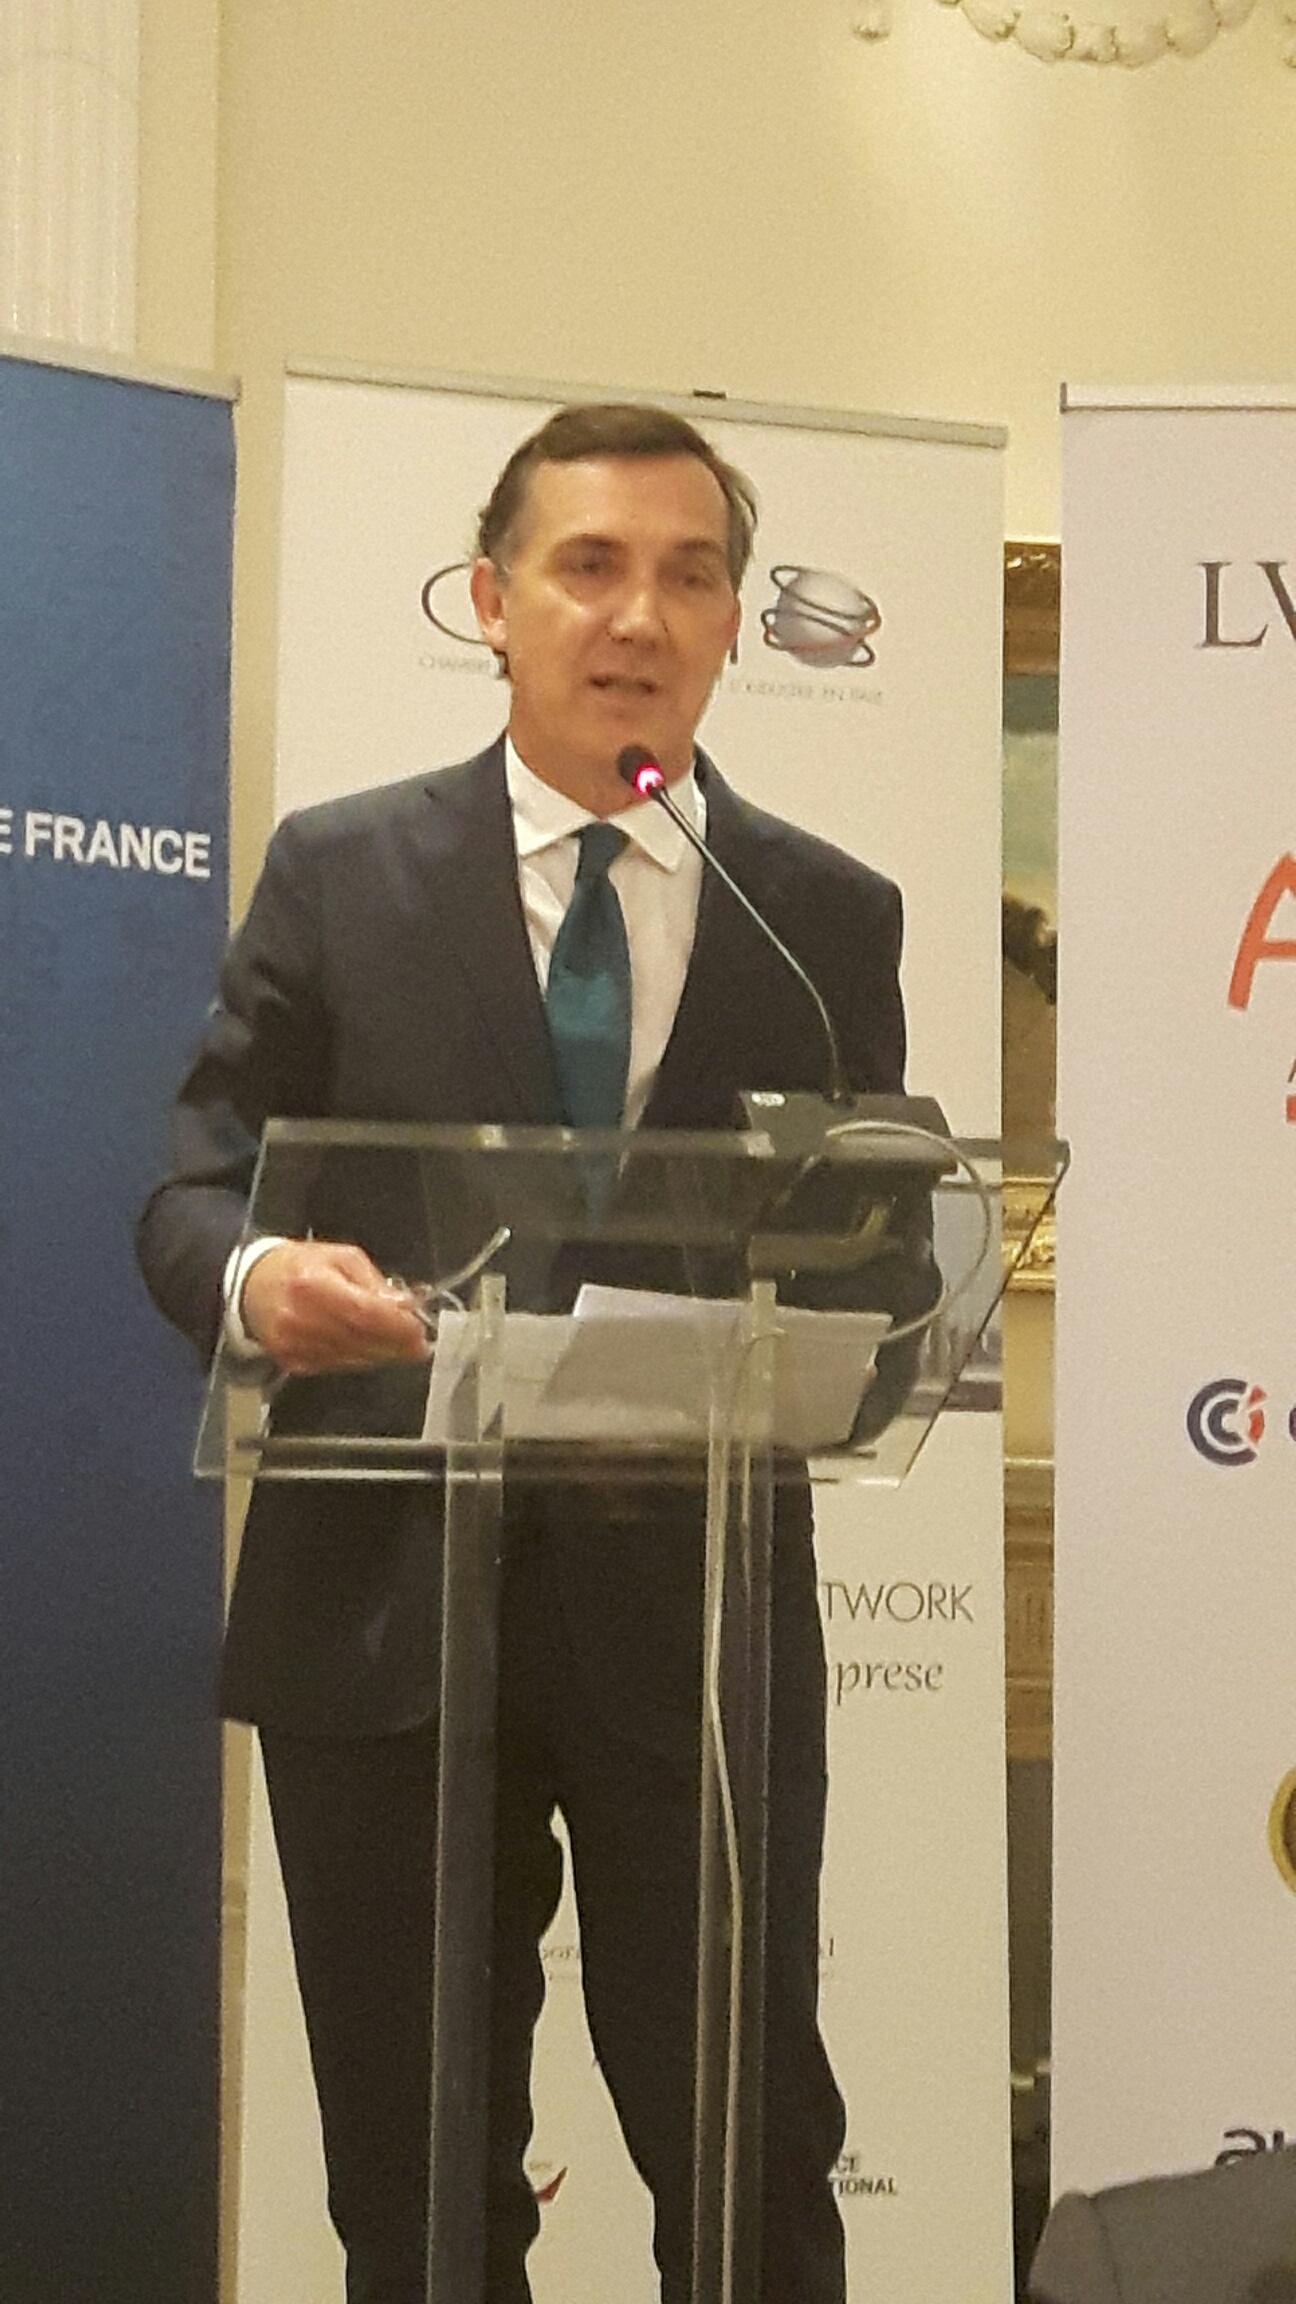 Quattro aziende premiate durante la cena di gala della for Chambre de commerce francaise en italie